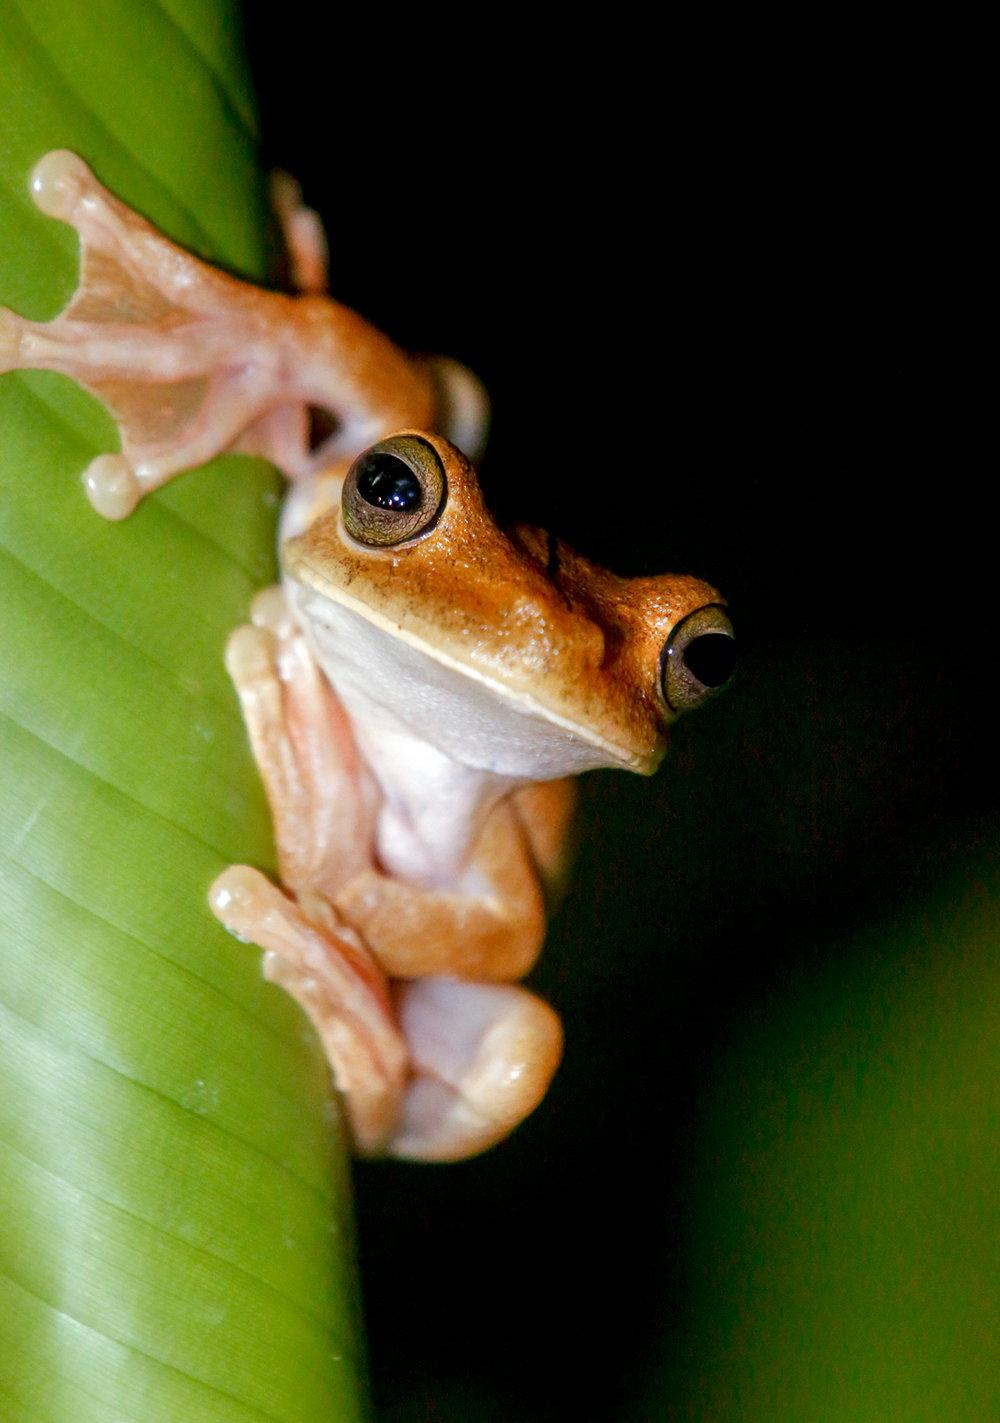 Gladiator Tree Frog on Leaf